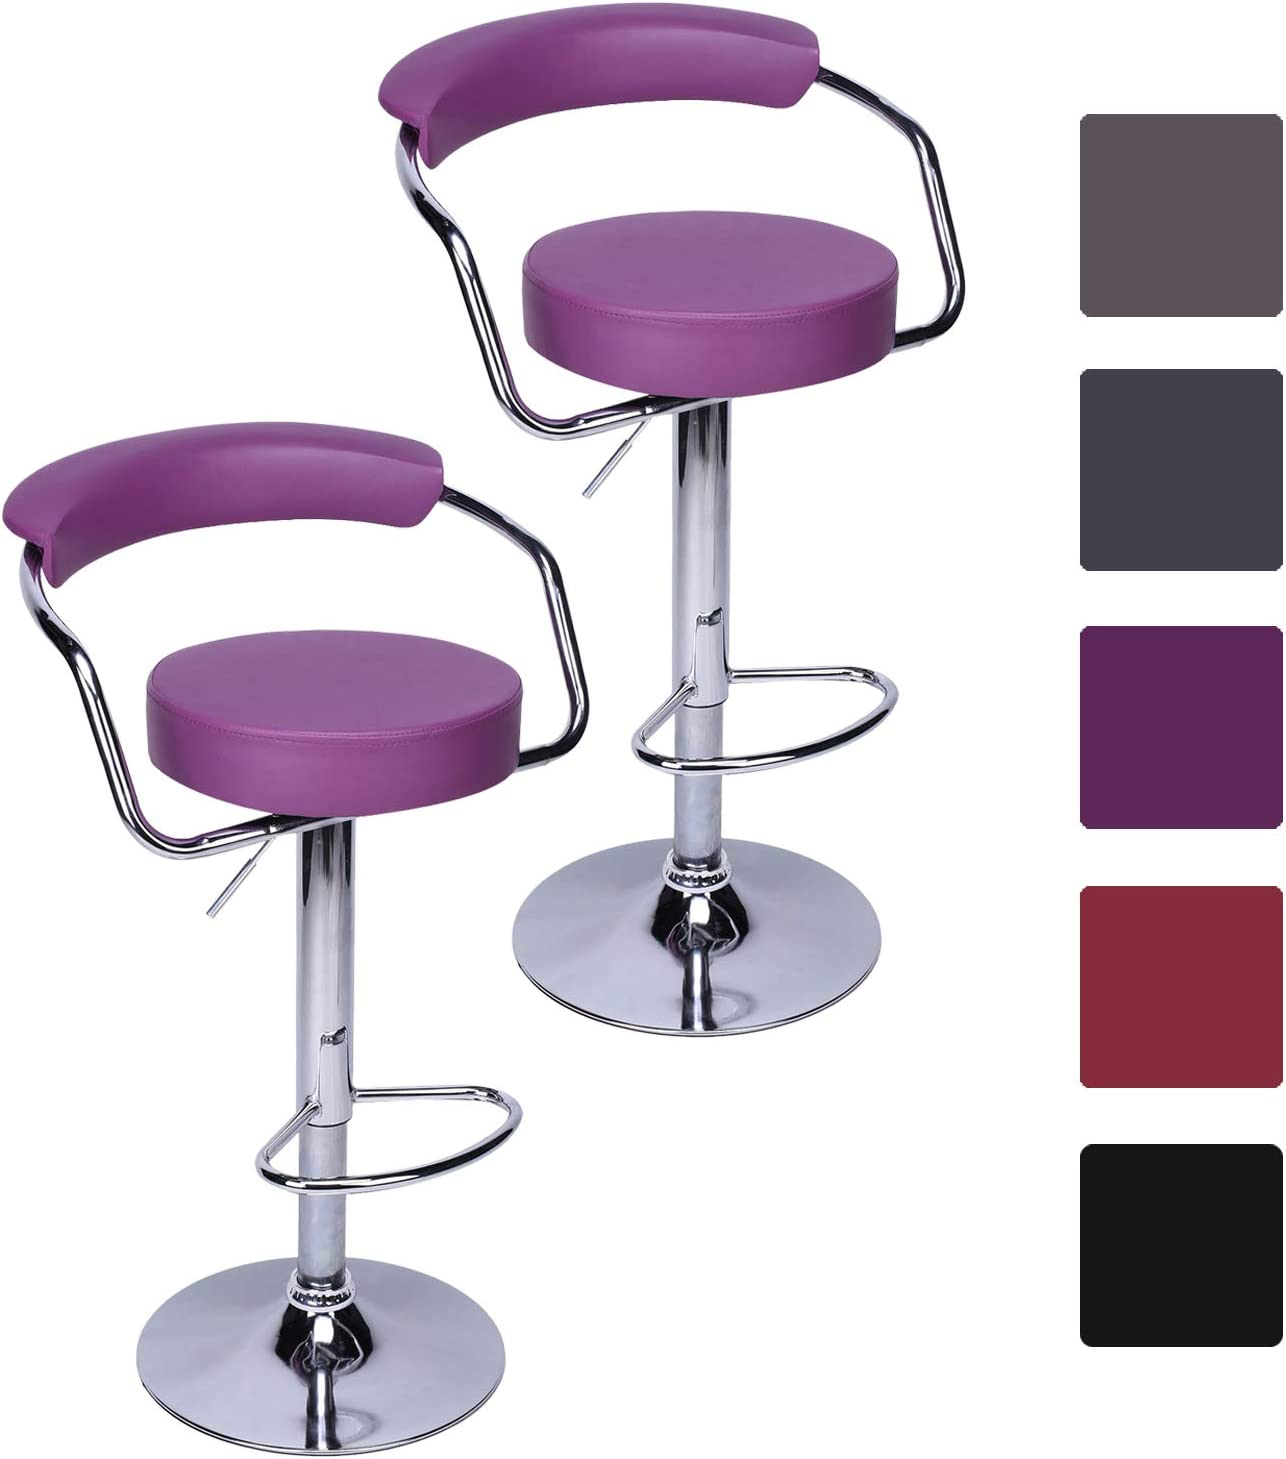 Colore:Viola CCLIFE Sgabello da Bar Sedia Cucina con Schienale Cromato Altezza Regolabile Girevole multicolori Dimensione:2pz-Set